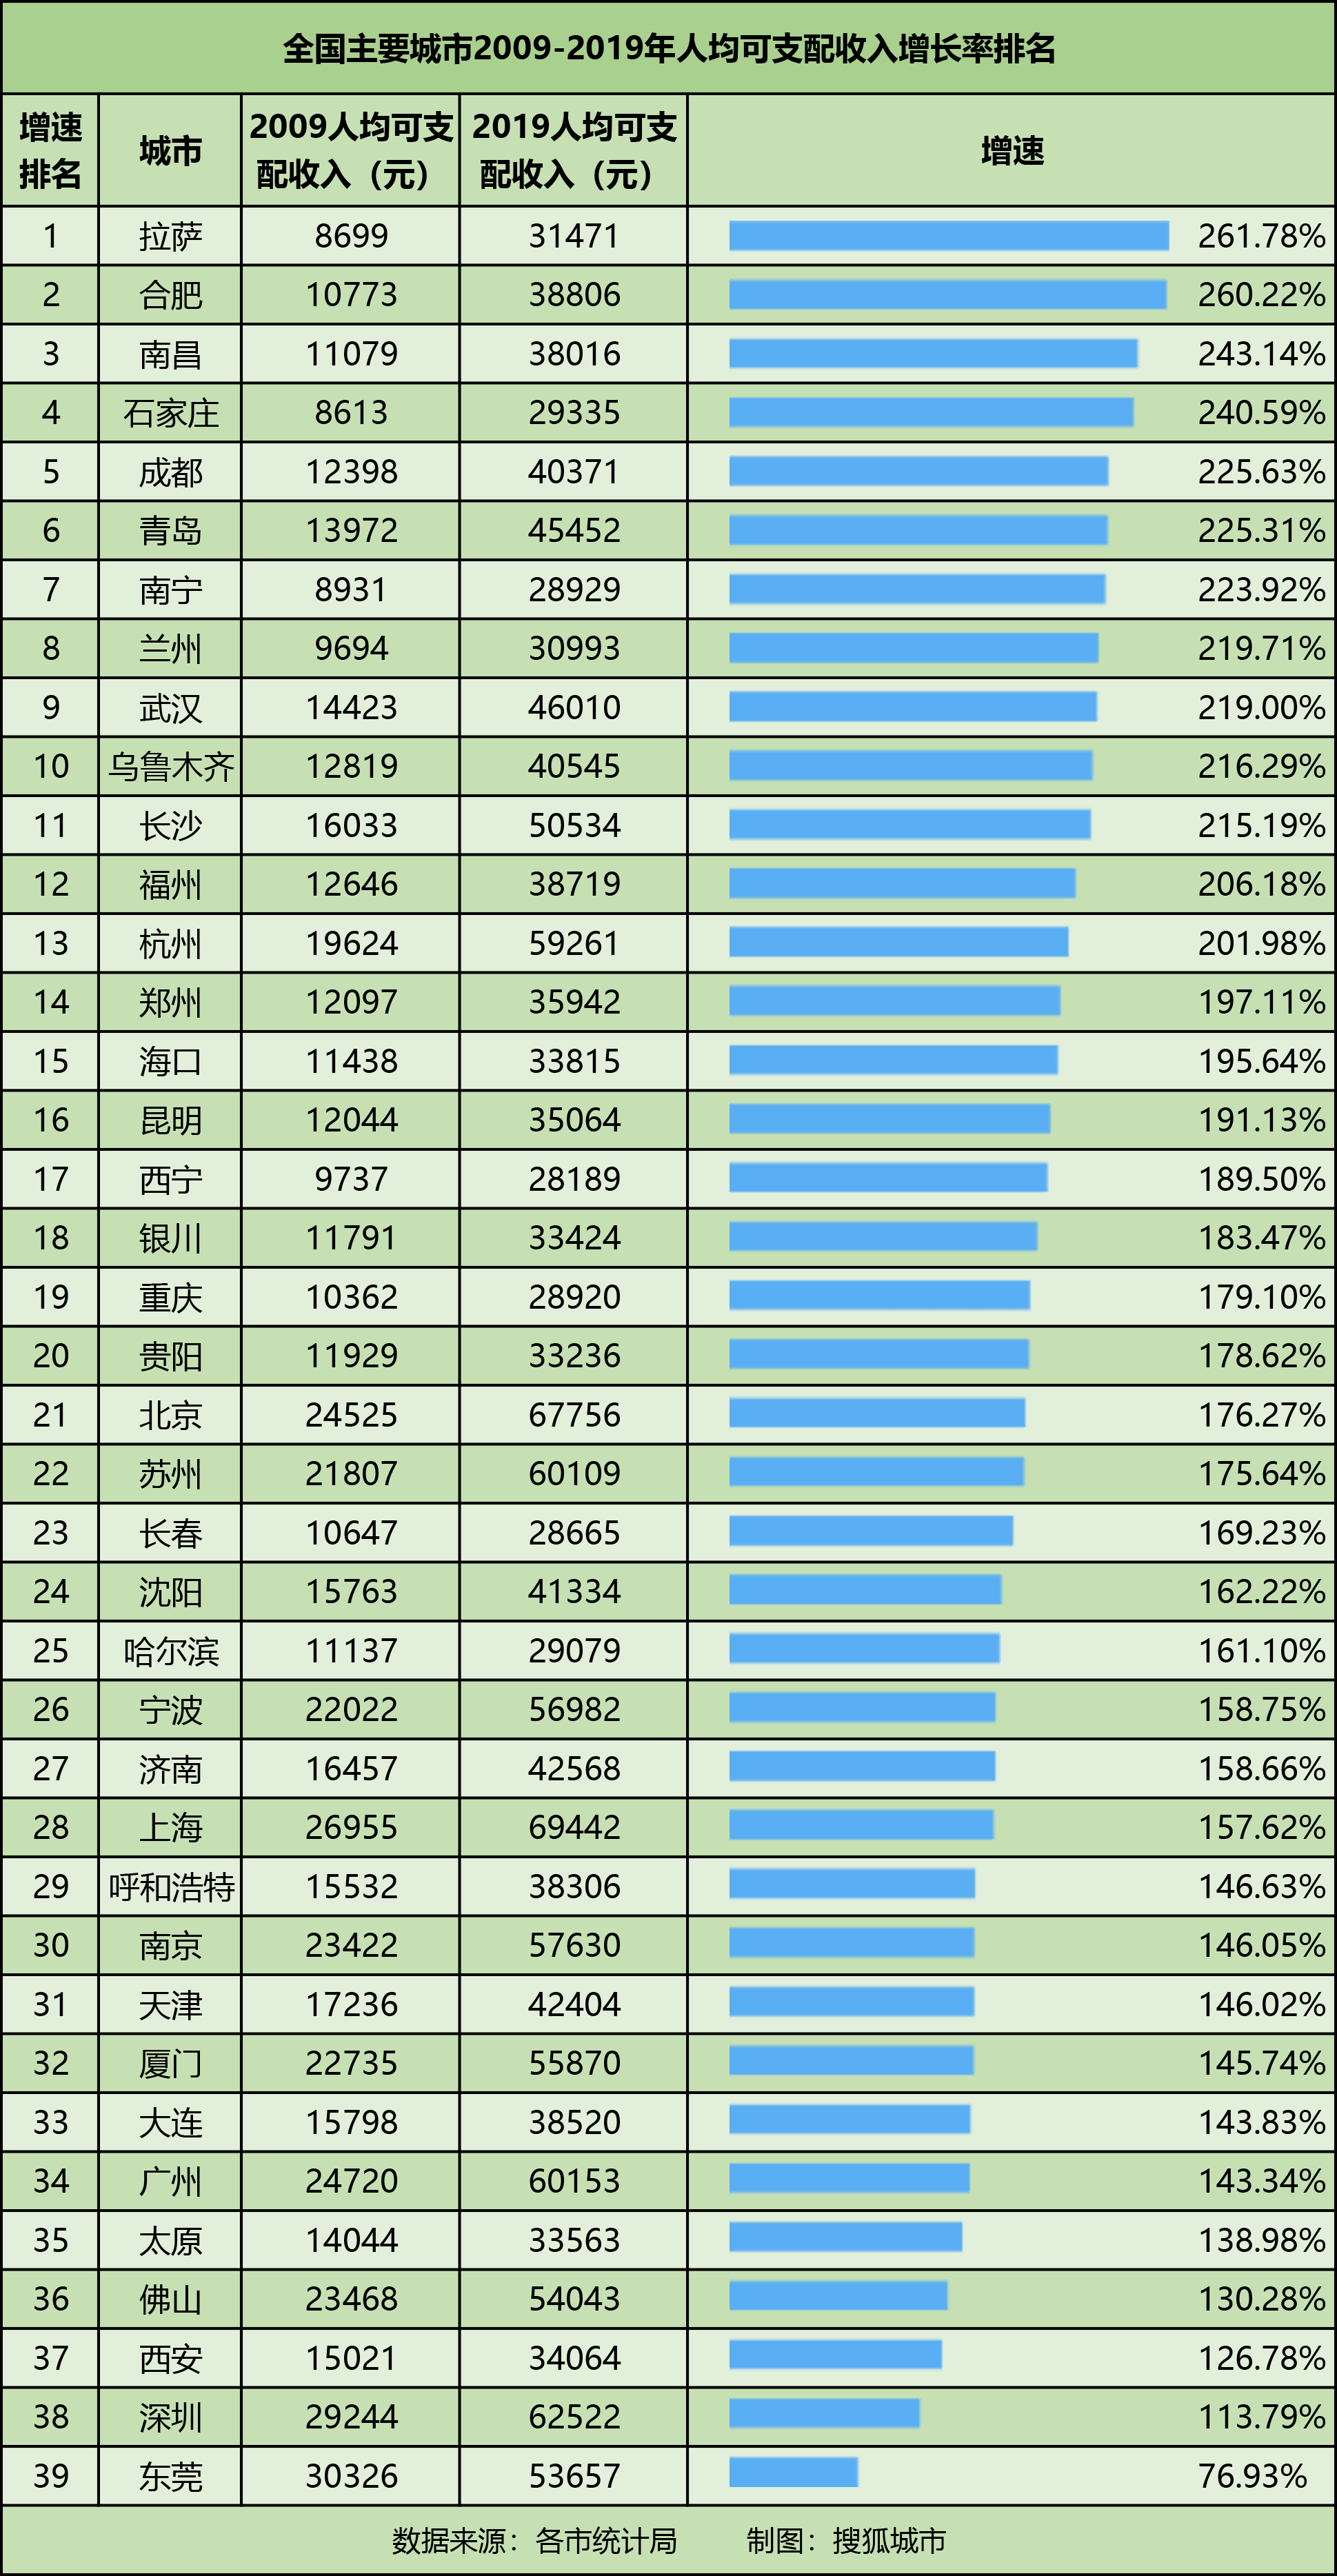 苏州人均可支配收入_人均可支配收入